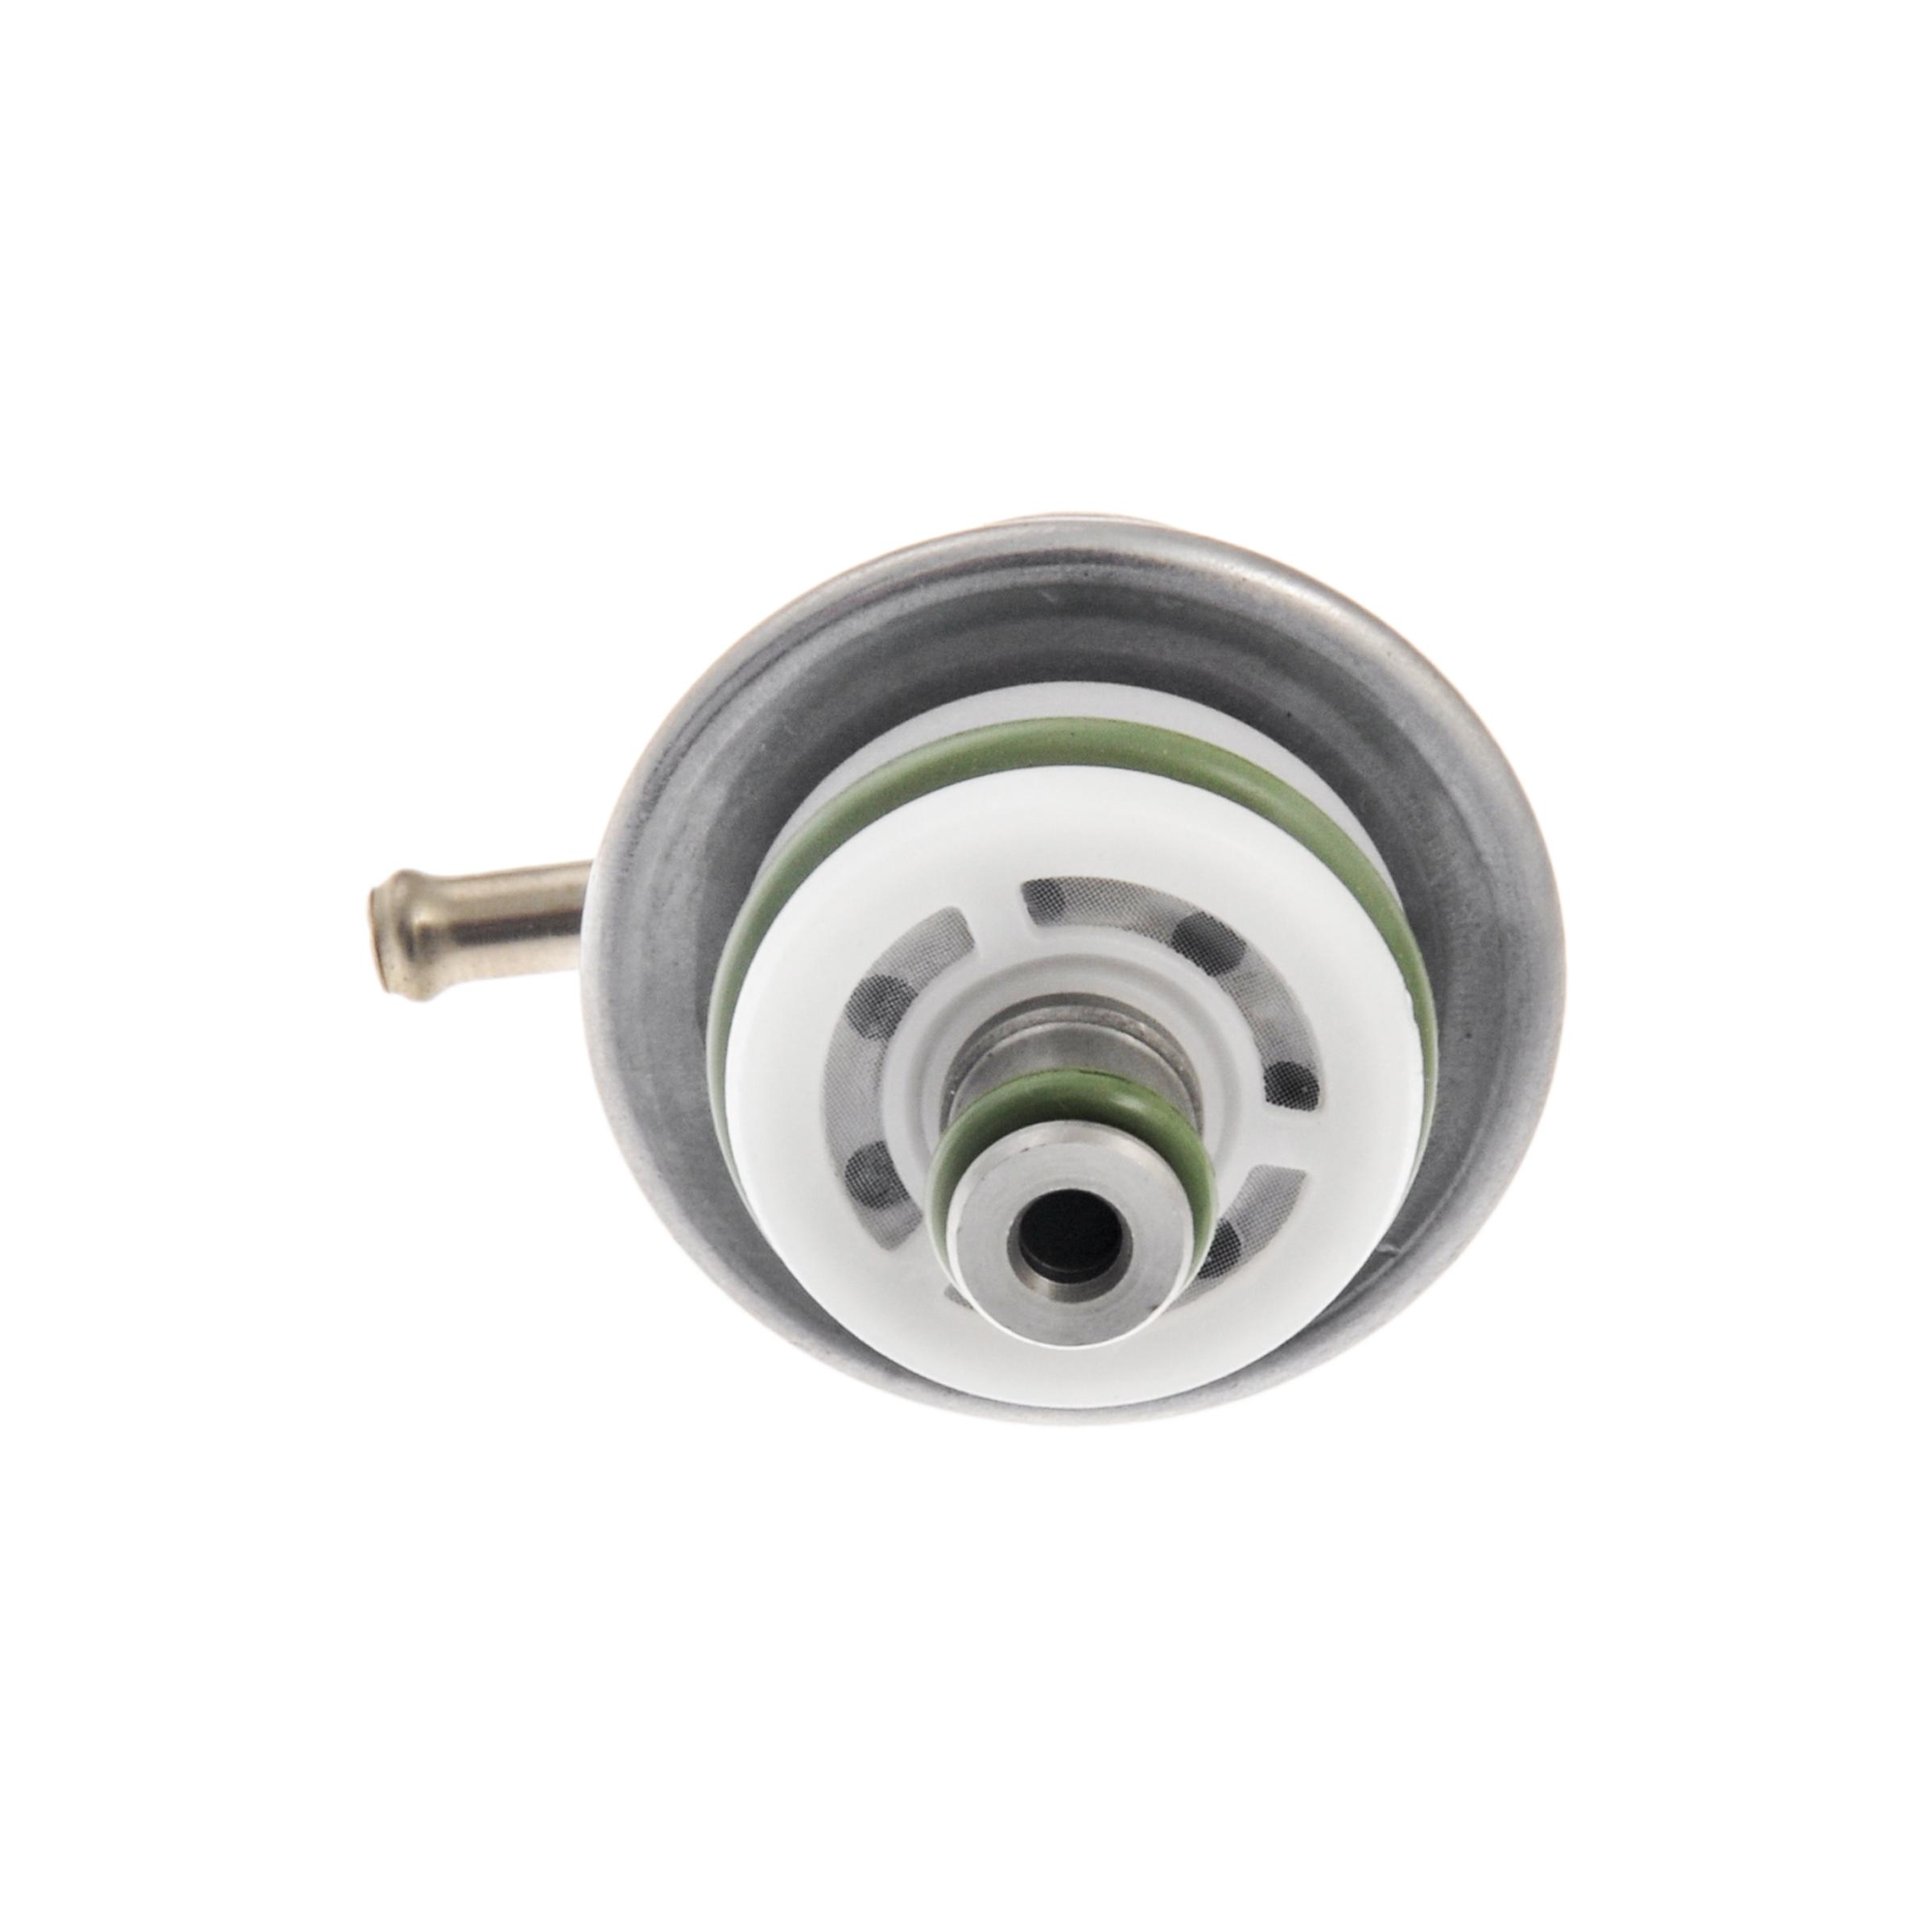 New Fuel Pressure Regulator Herko PR4040 For Cadillac GM Volkswagen